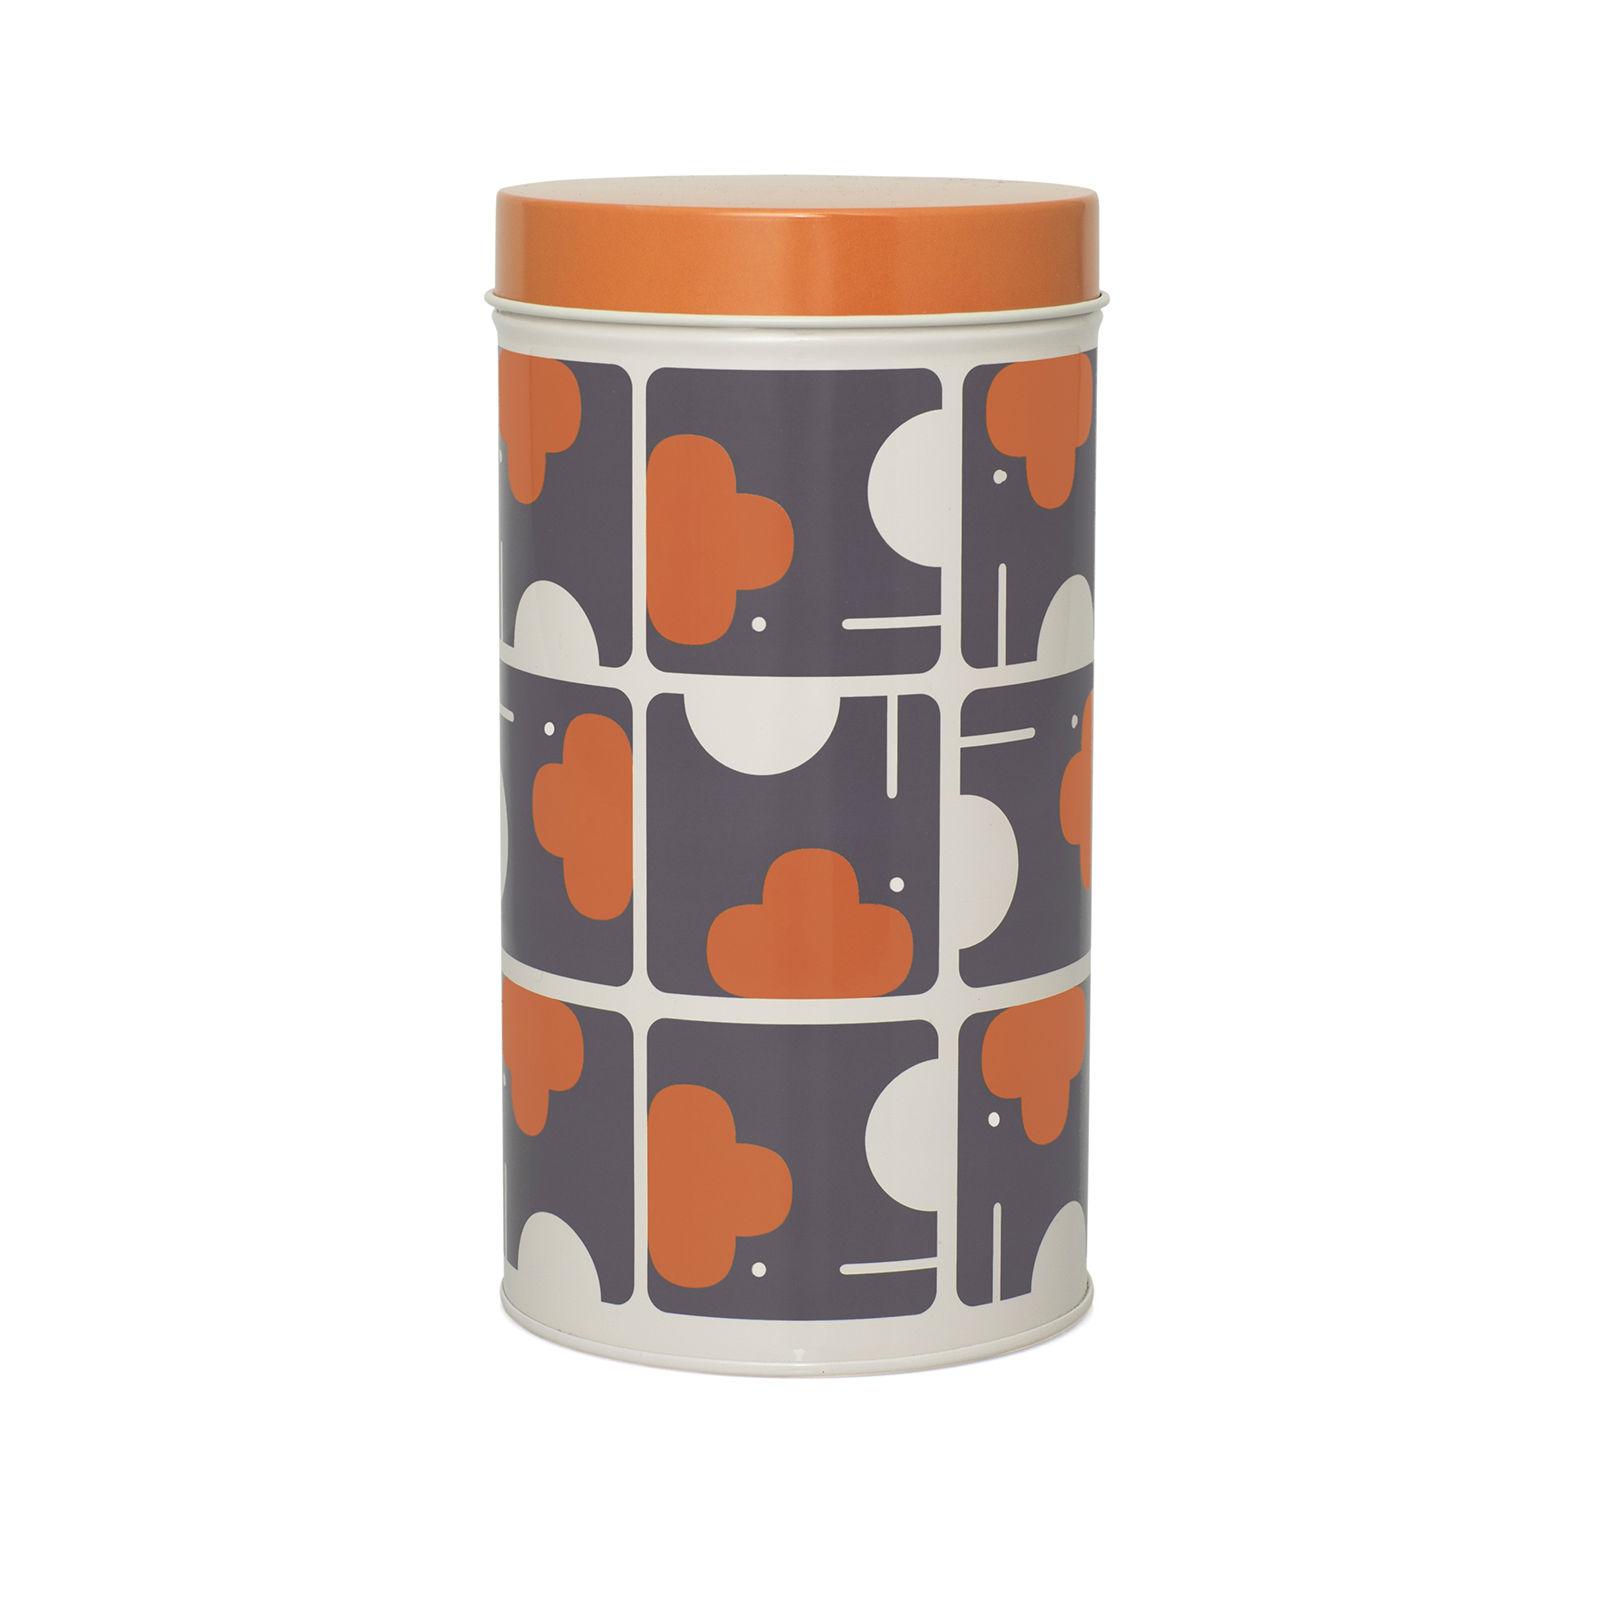 Boites-bocaus-design-Orla-Kiely-014